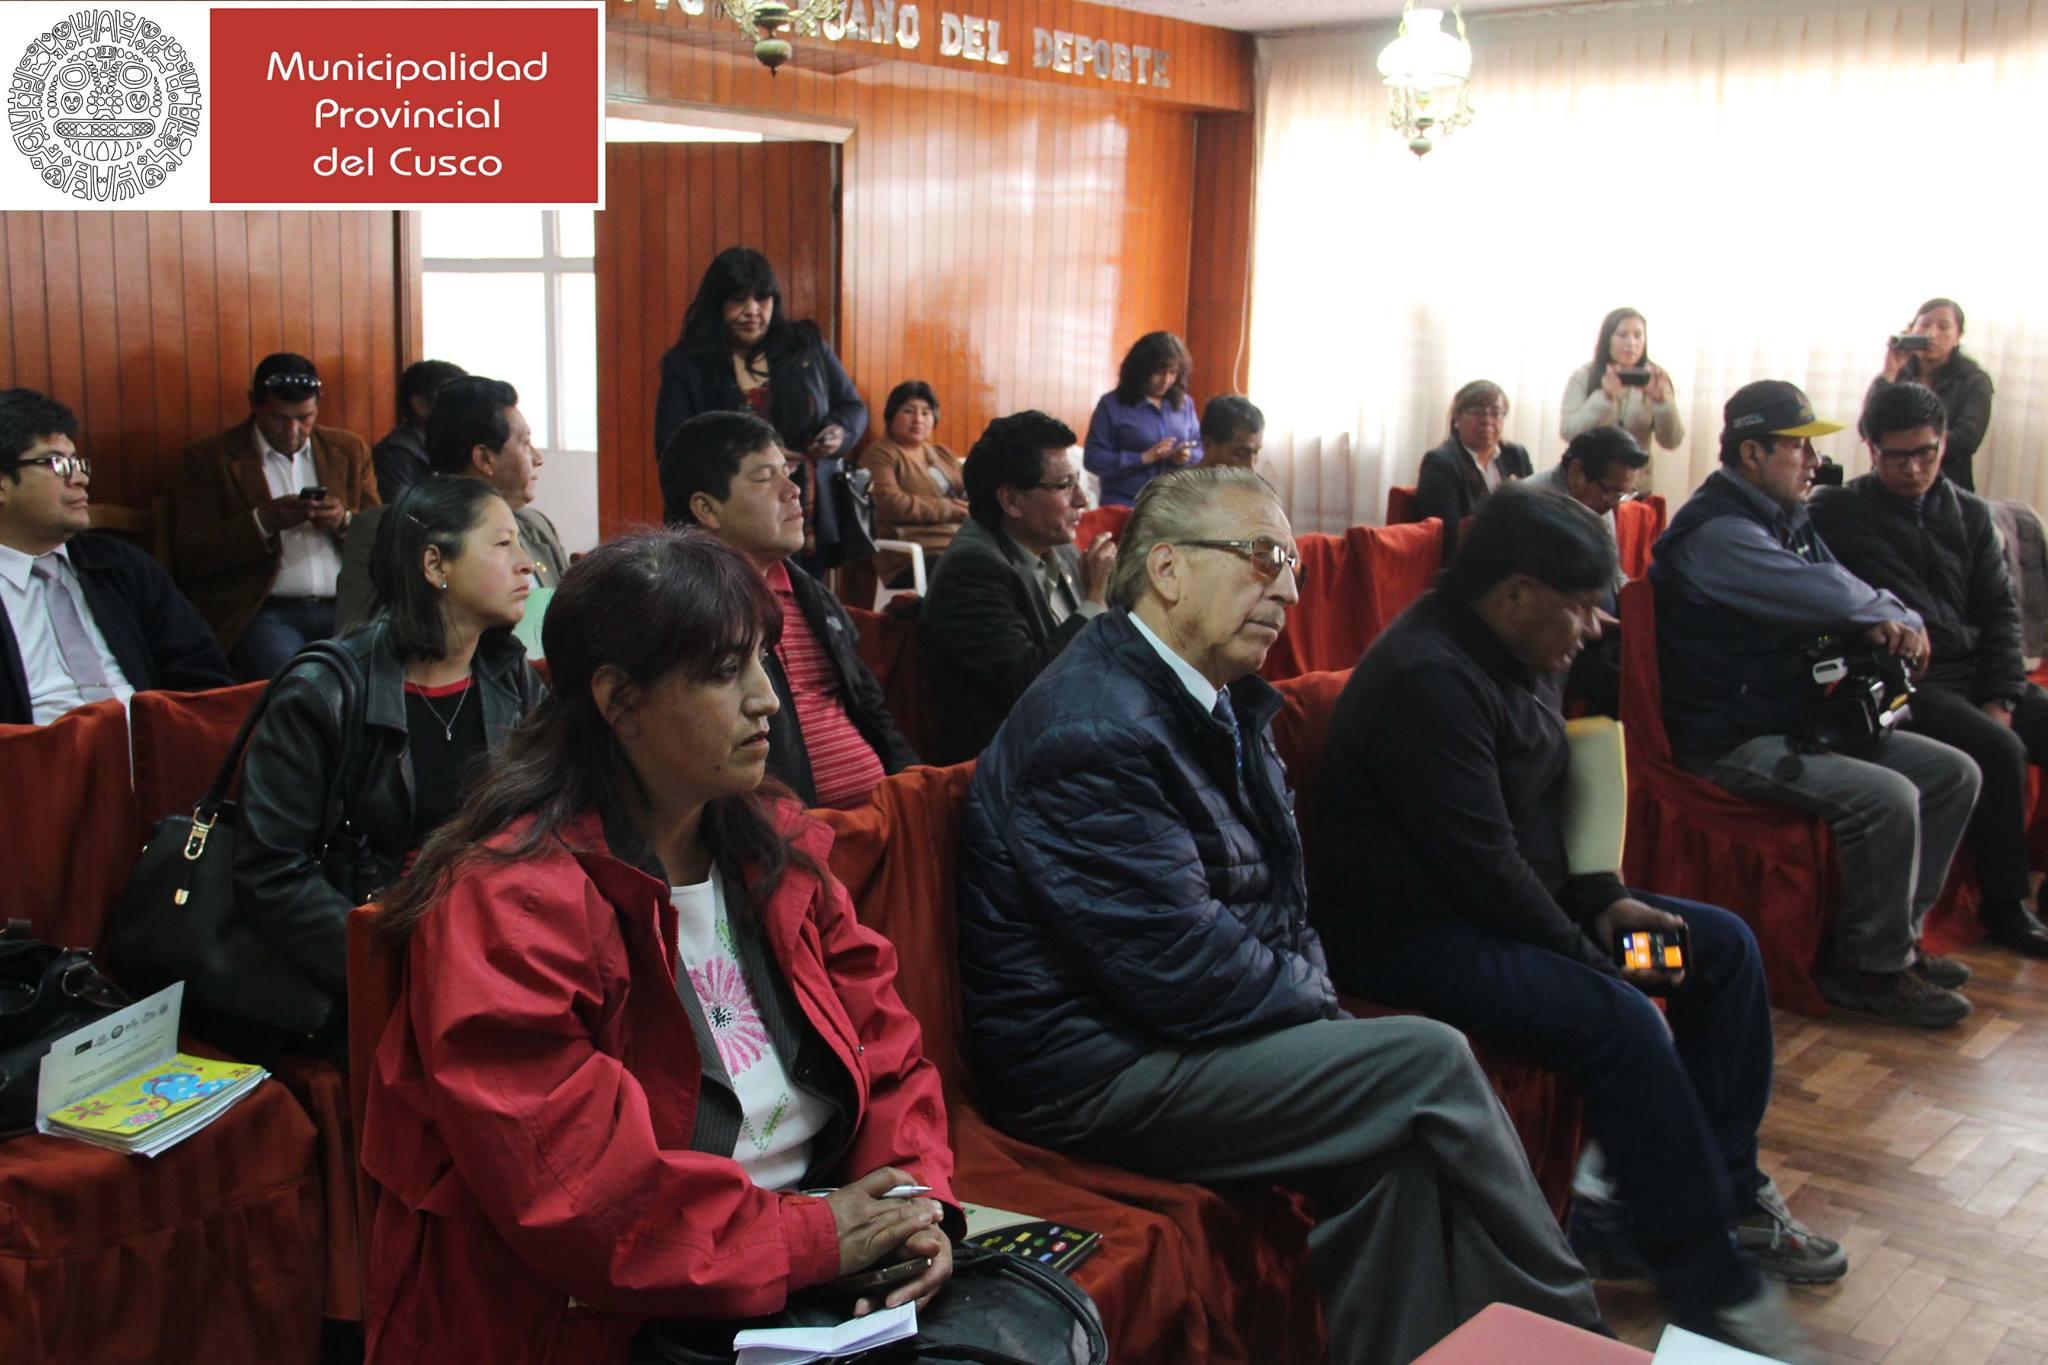 LANZAMIENTO DEL I FESTIVAL  INTERDISTRITAL DE KARATE EN LA CIUDAD DE CUSCO